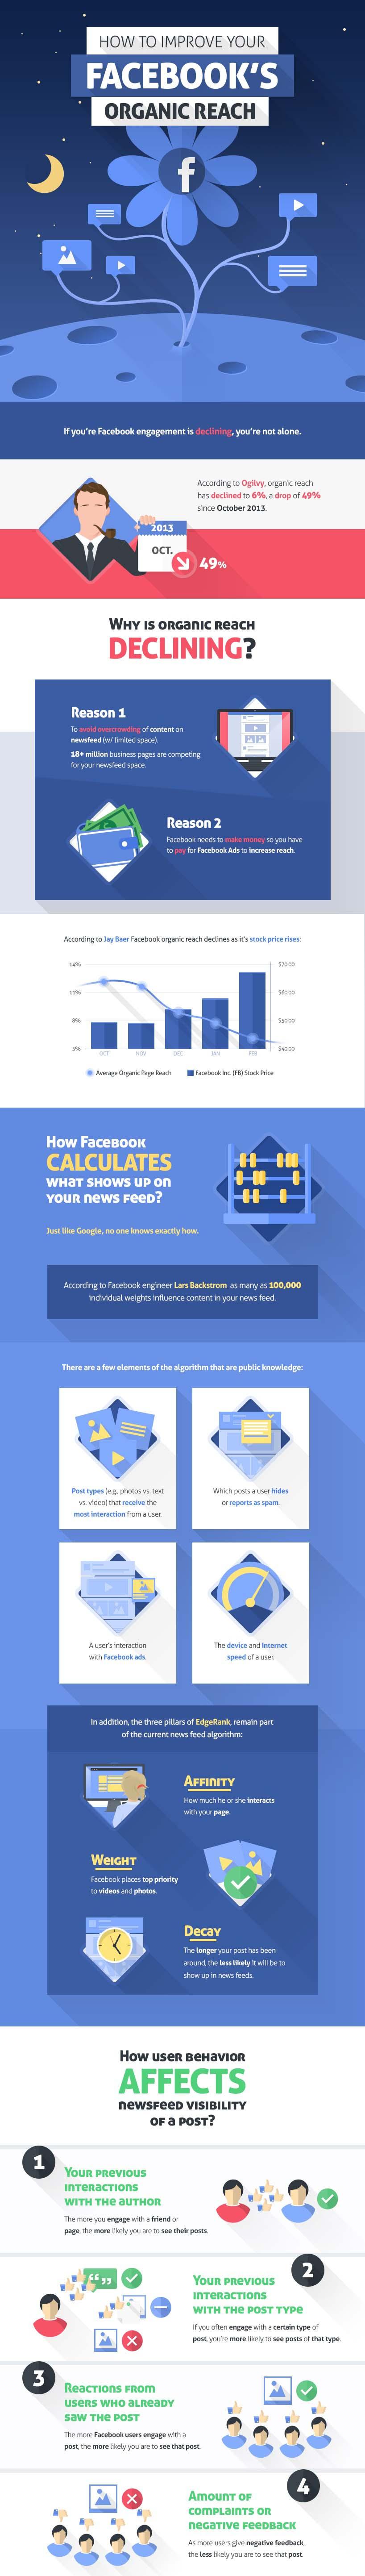 5 súper maneras para aumentar el alcance orgánico de tu Facebook - Infografía_01